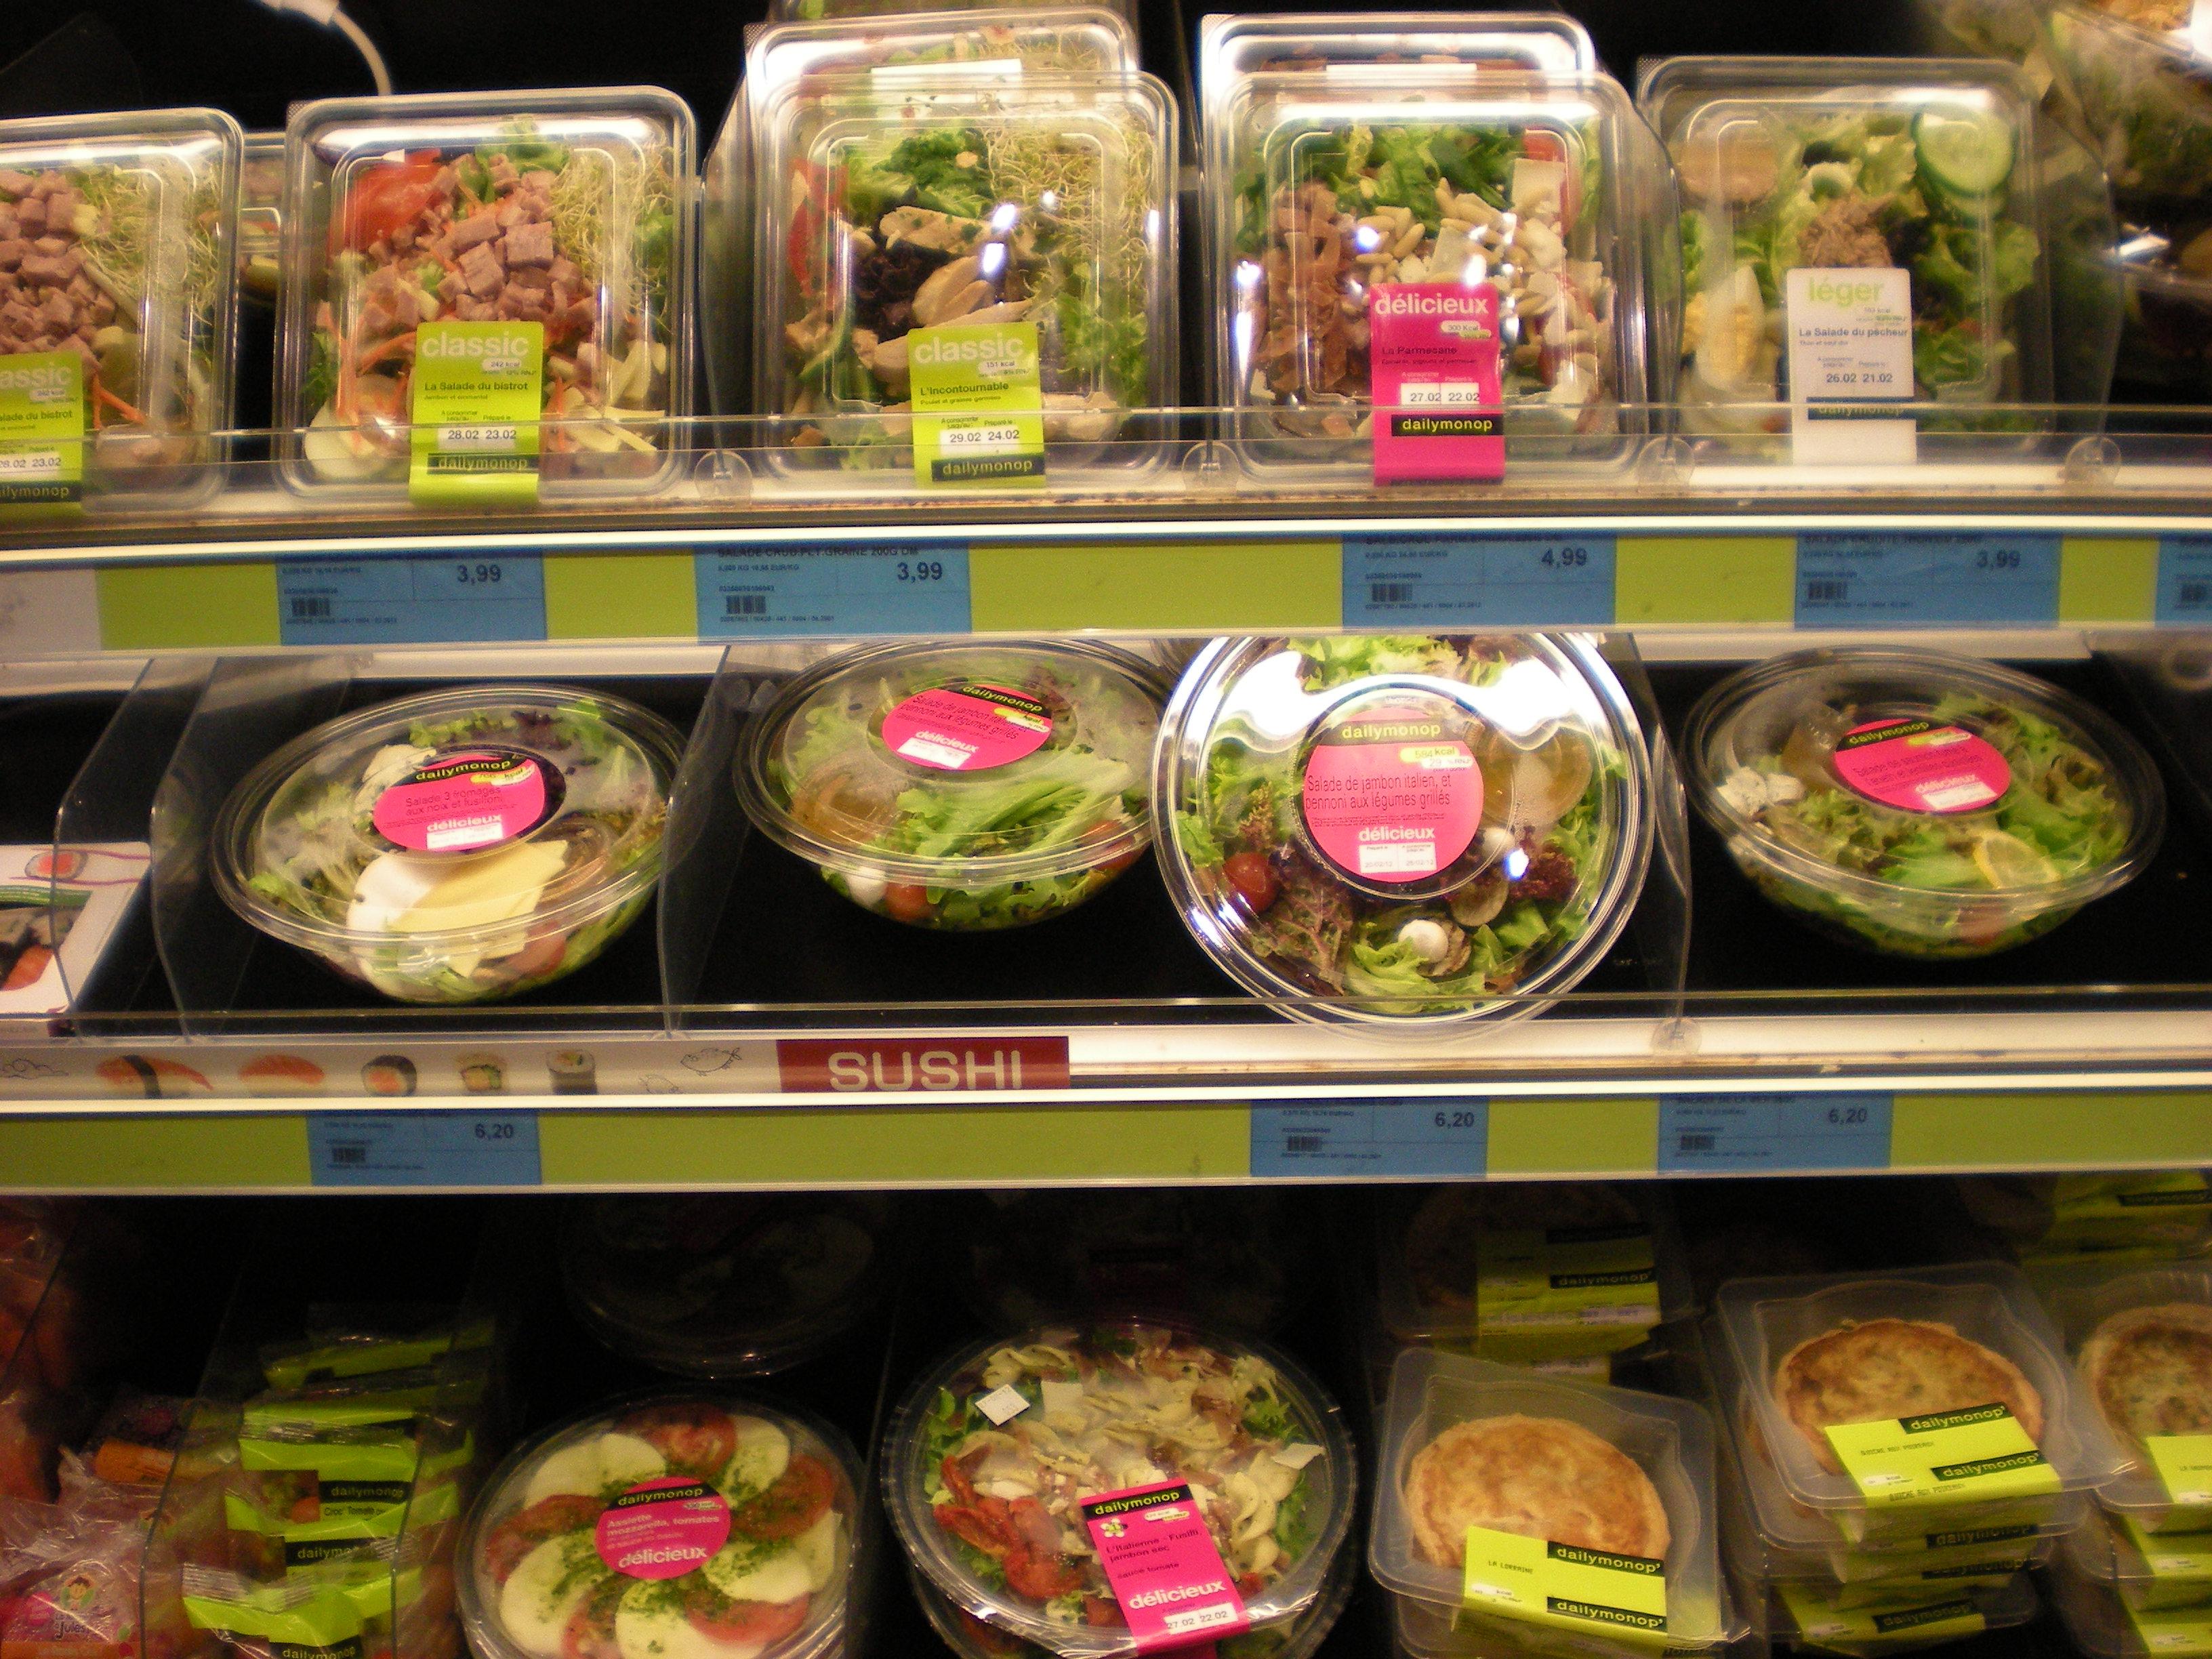 Delicious-looking salad!